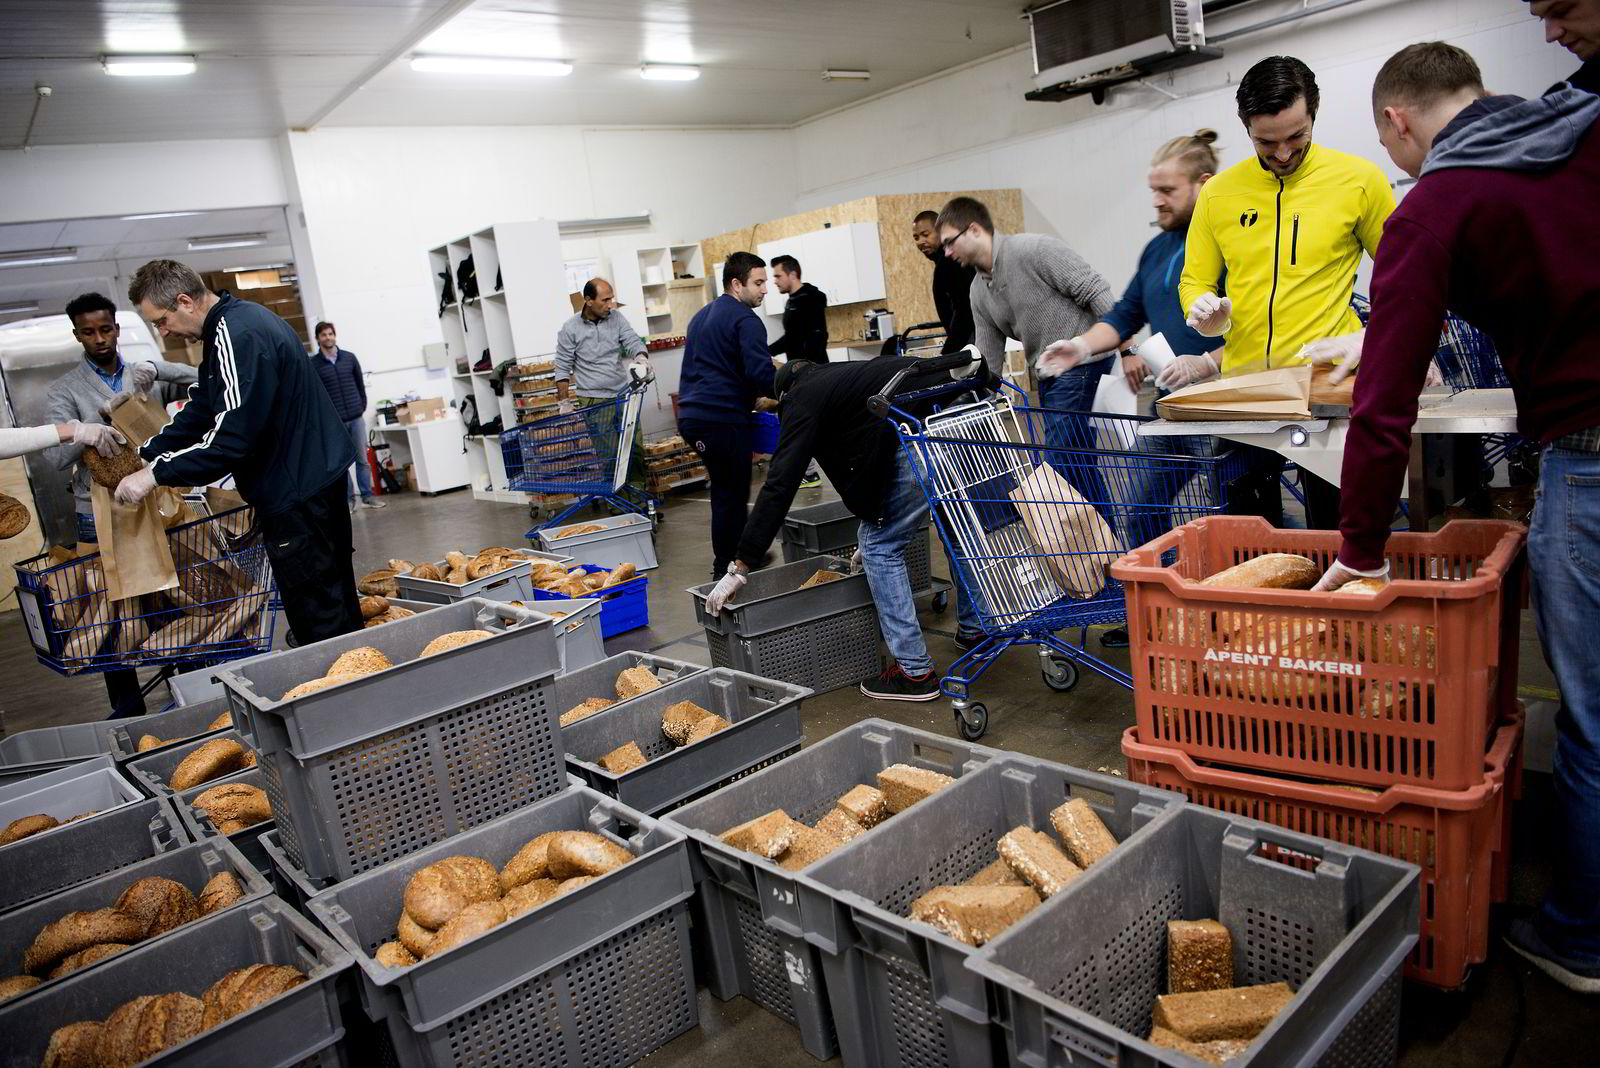 Å levere brød høres ut som en enkel jobb, men kan fort bli kaos om ikke logistikken er på plass.